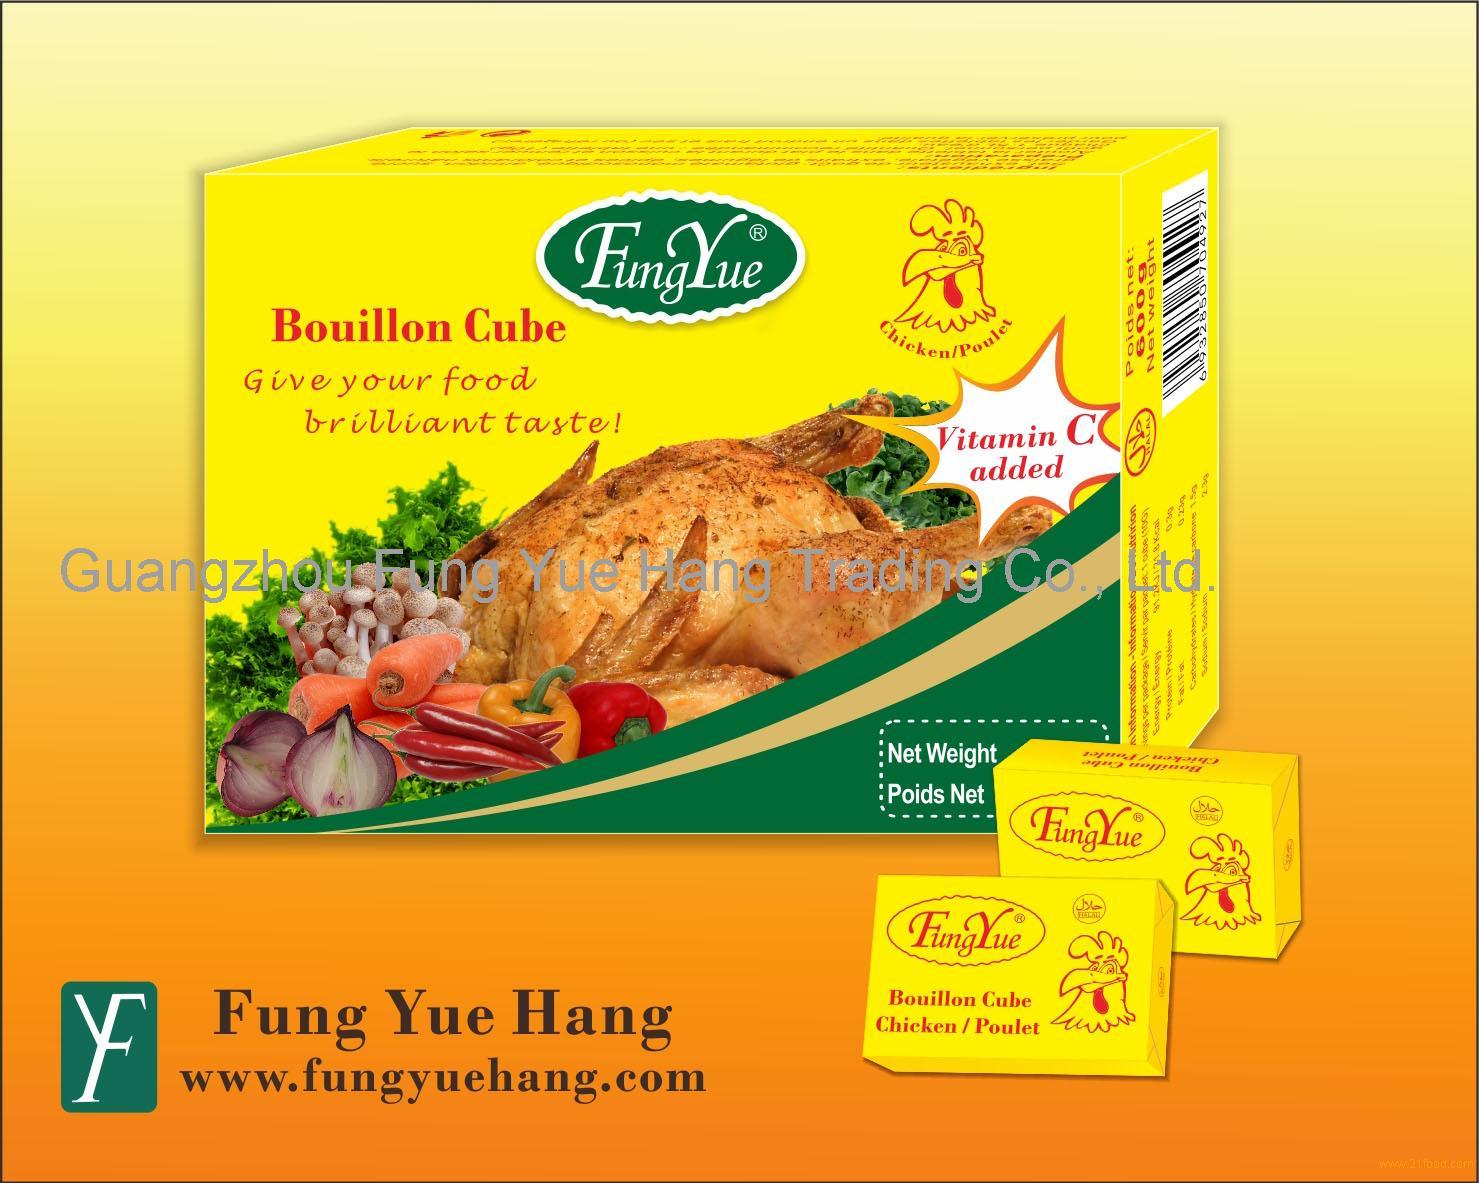 https://img.21food.com/img/product/2012/12/3/fungyuehang-15330510.jpg